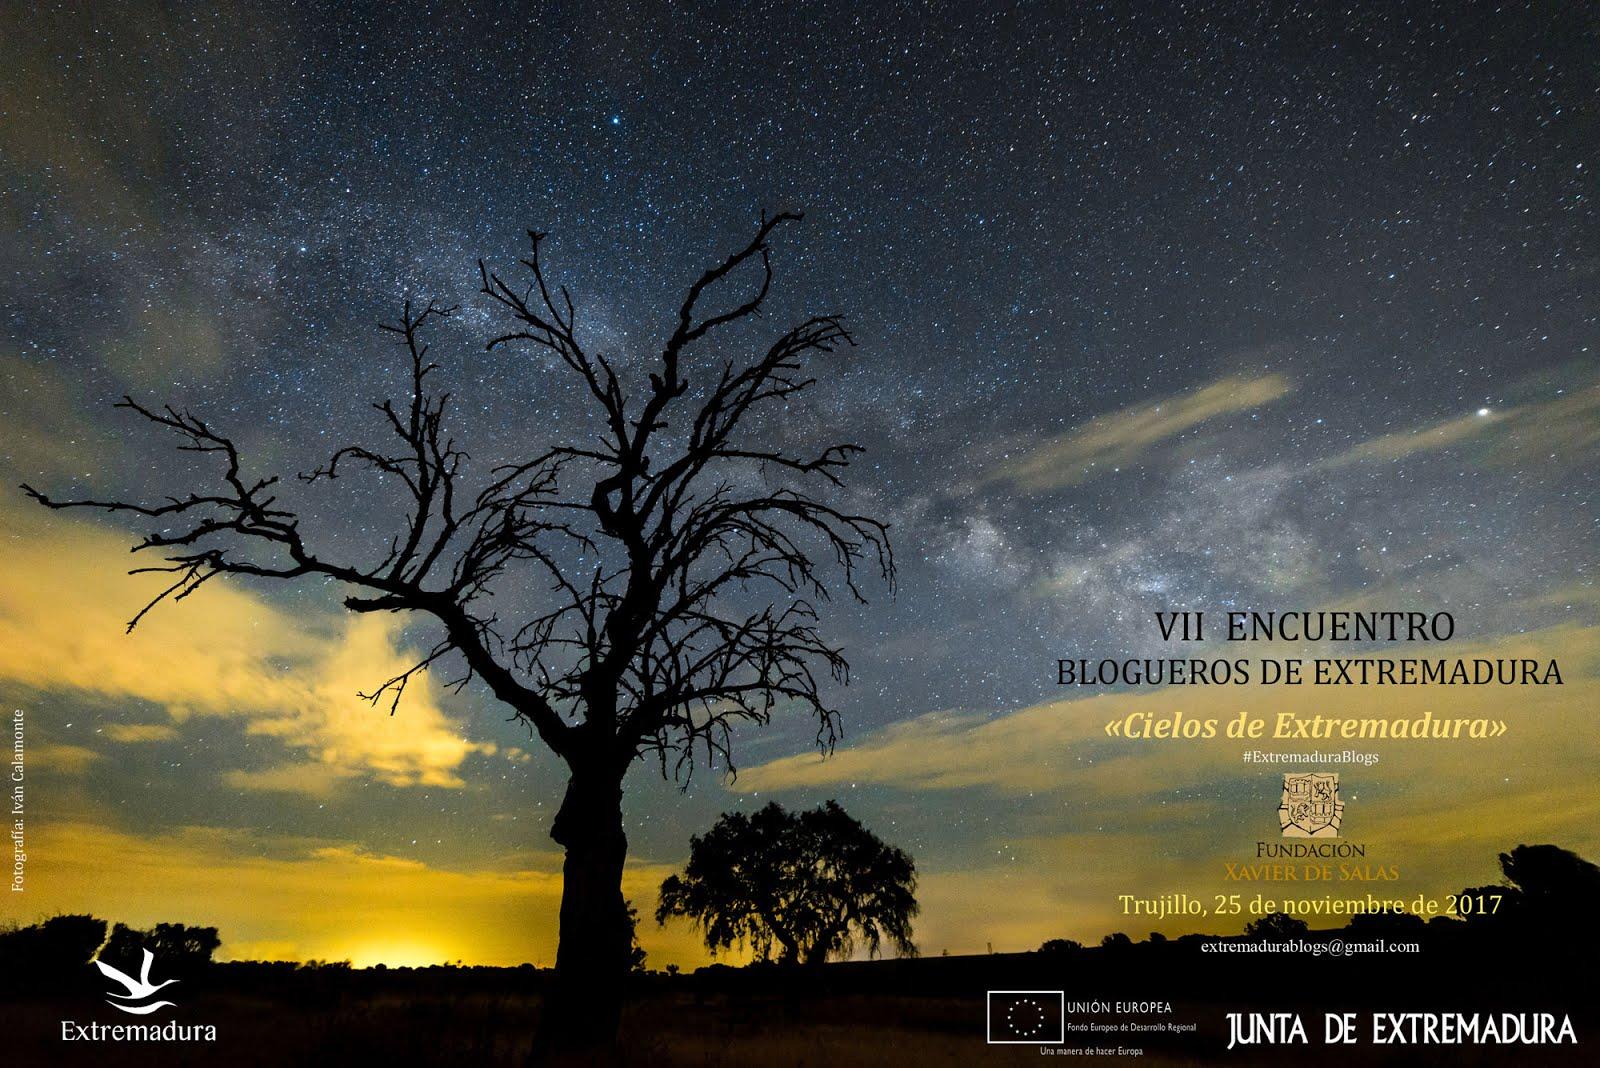 VII Encuentro de Blogueros de Extremadura